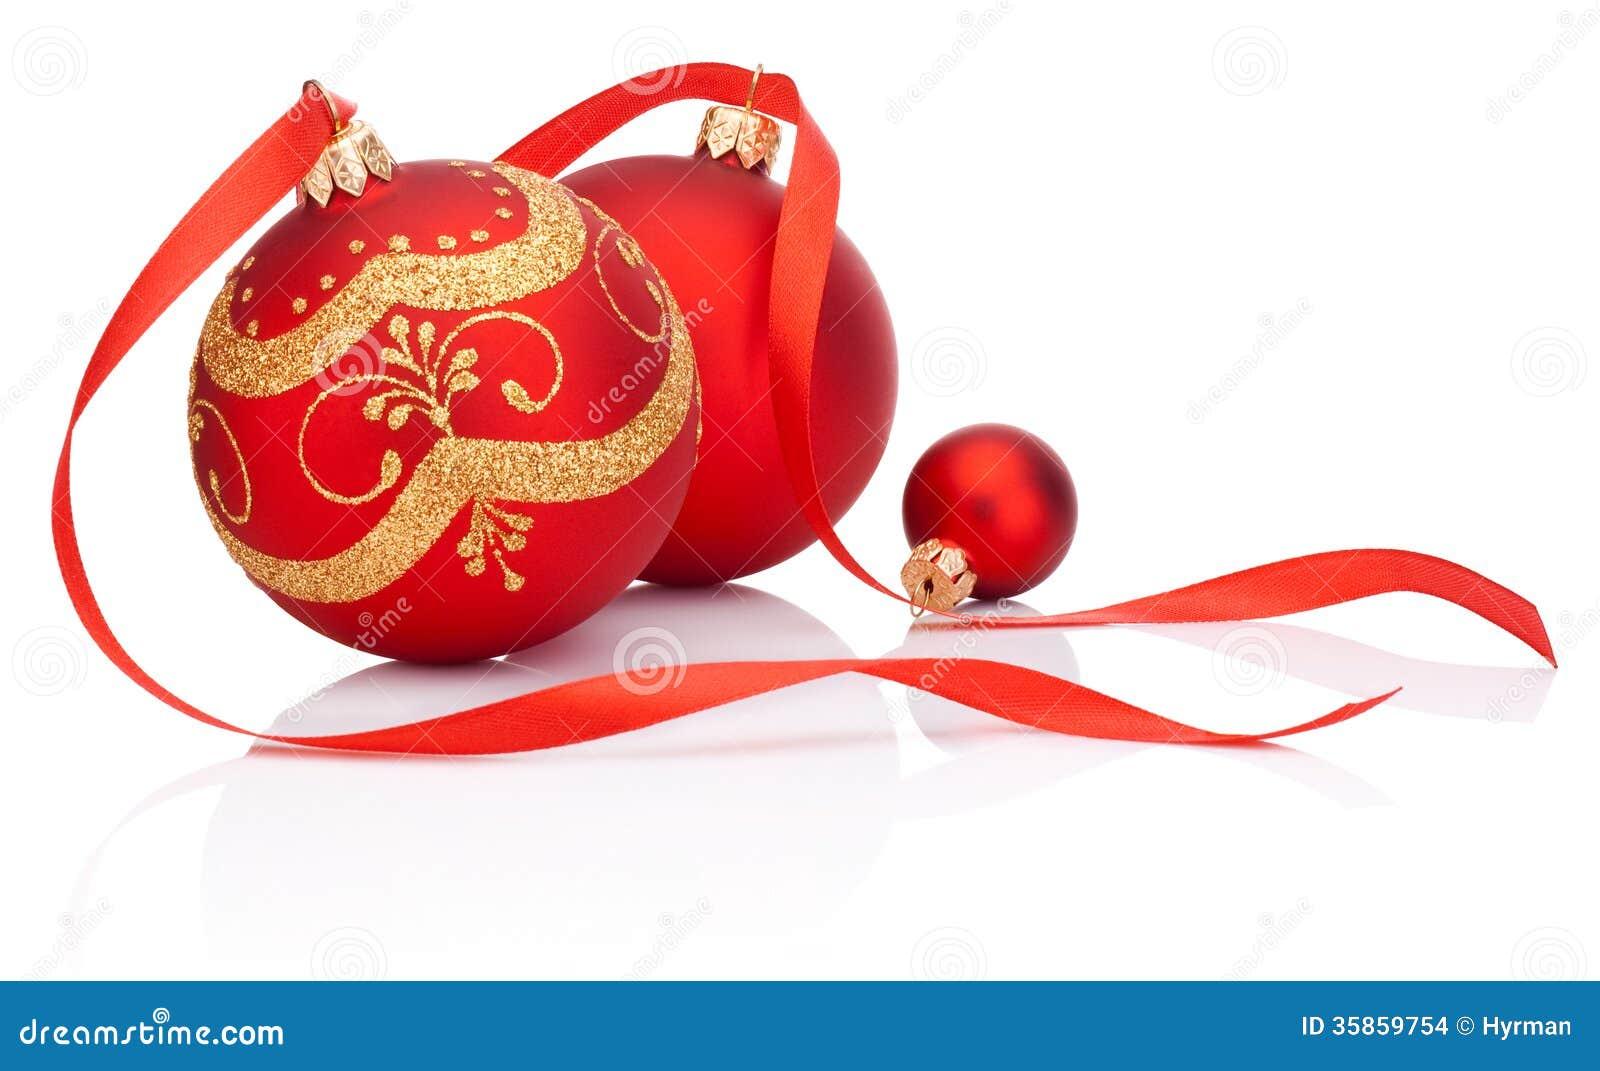 #92151F Boules Rouges De Décoration De Noël Avec L'arc De Ruban D  5335 décorations de noel avec ruban 1300x887 px @ aertt.com